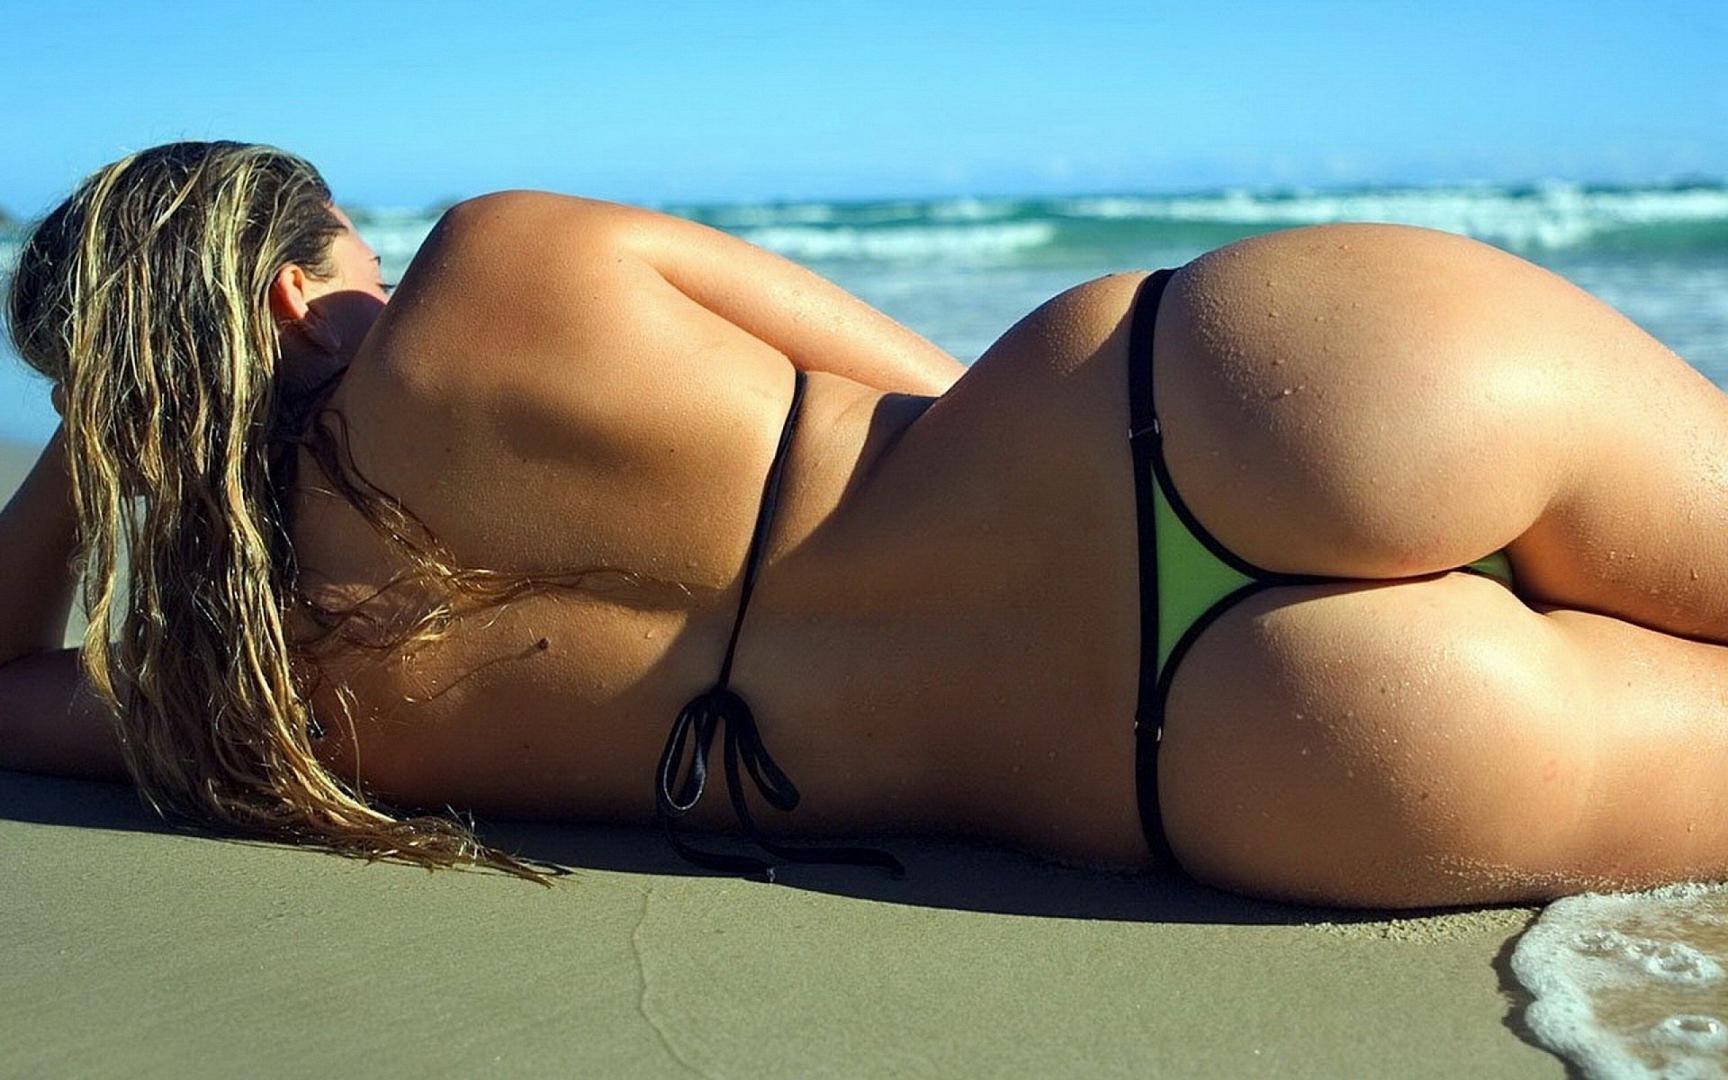 Красивая девушка с сексуальной попой на пляже, 2560 на 1600 пикселей